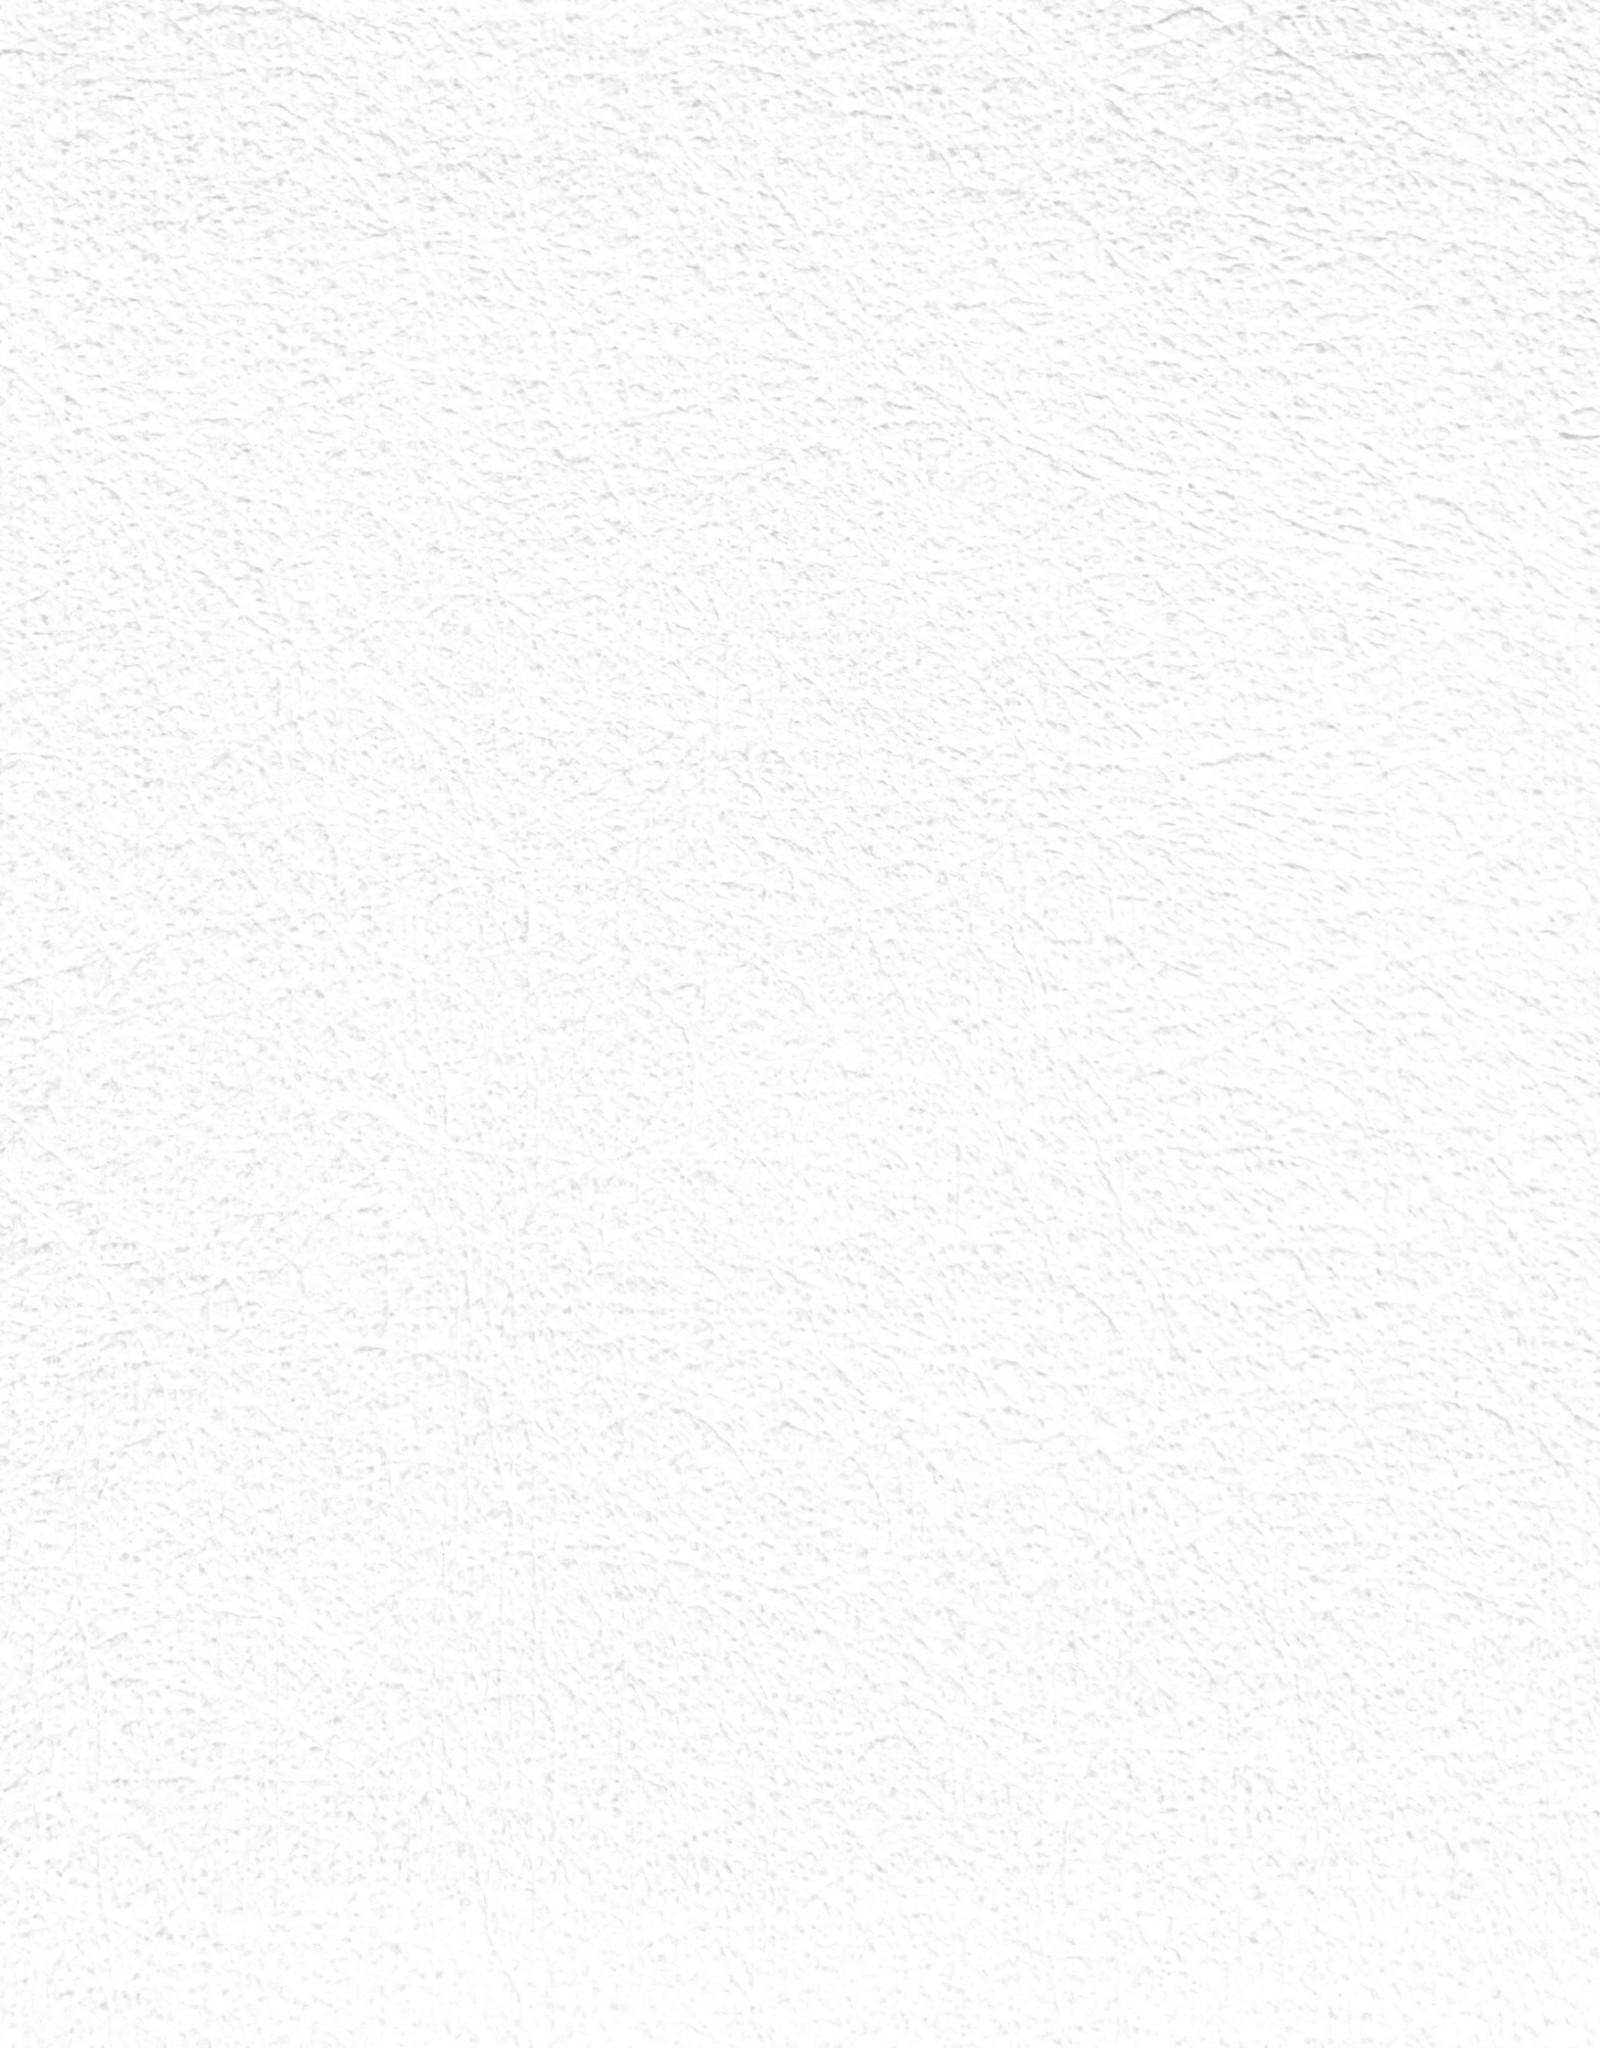 Evolon AP, 168 gsm, 22X30,10 Sheet Pack